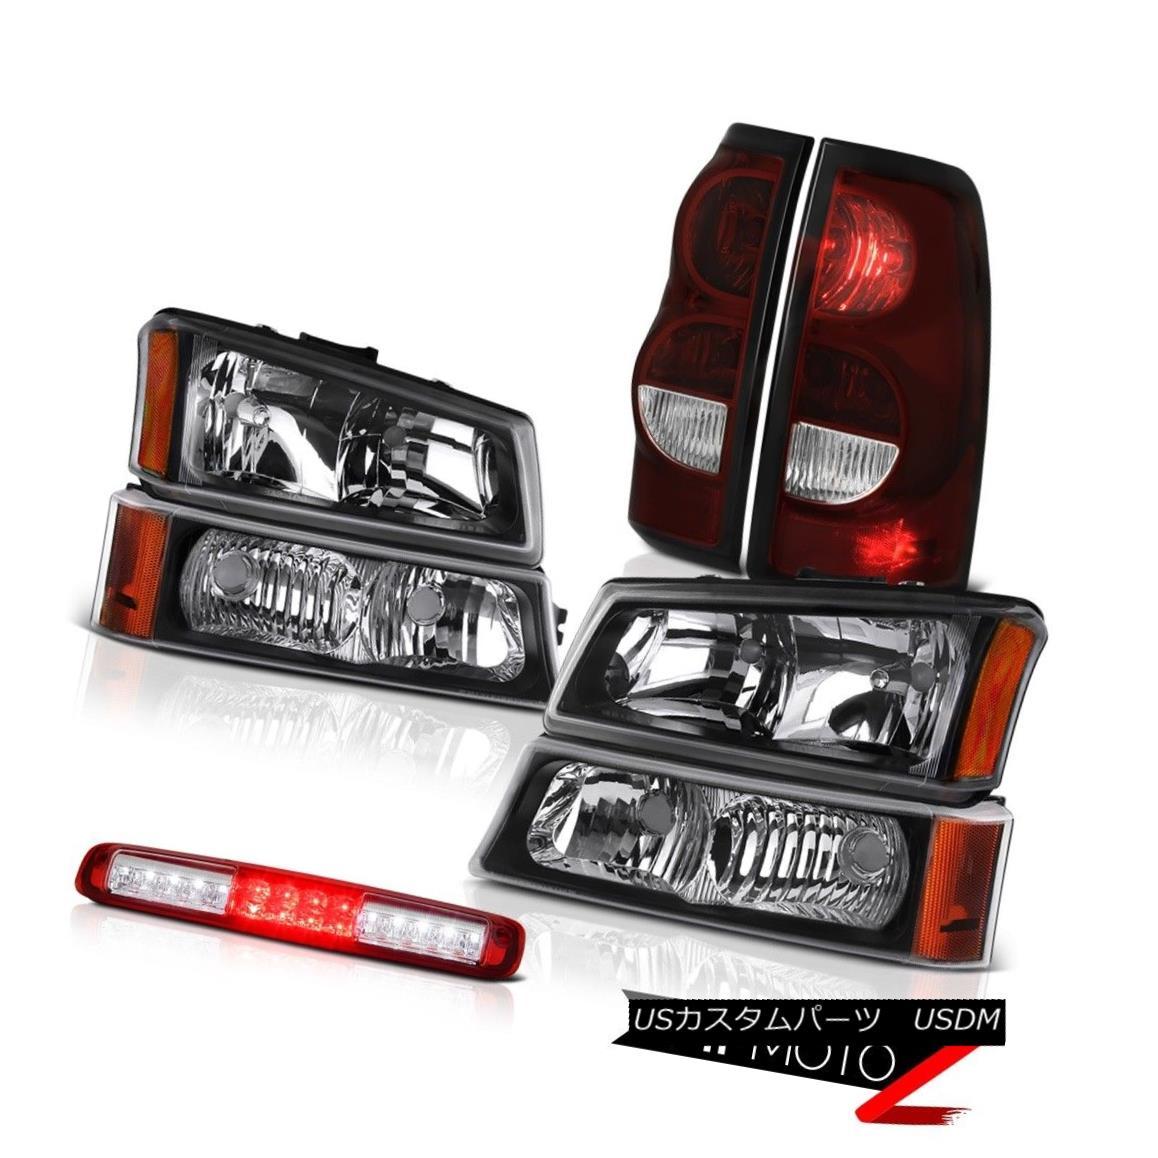 ヘッドライト 03 04 05 06 Silverado Roof Cab Lamp Rear Brake Lights Headlights LED Assembly 03 04 05 06 SilveradoルーフキャブランプリアブレーキライトヘッドライトLEDアセンブリ